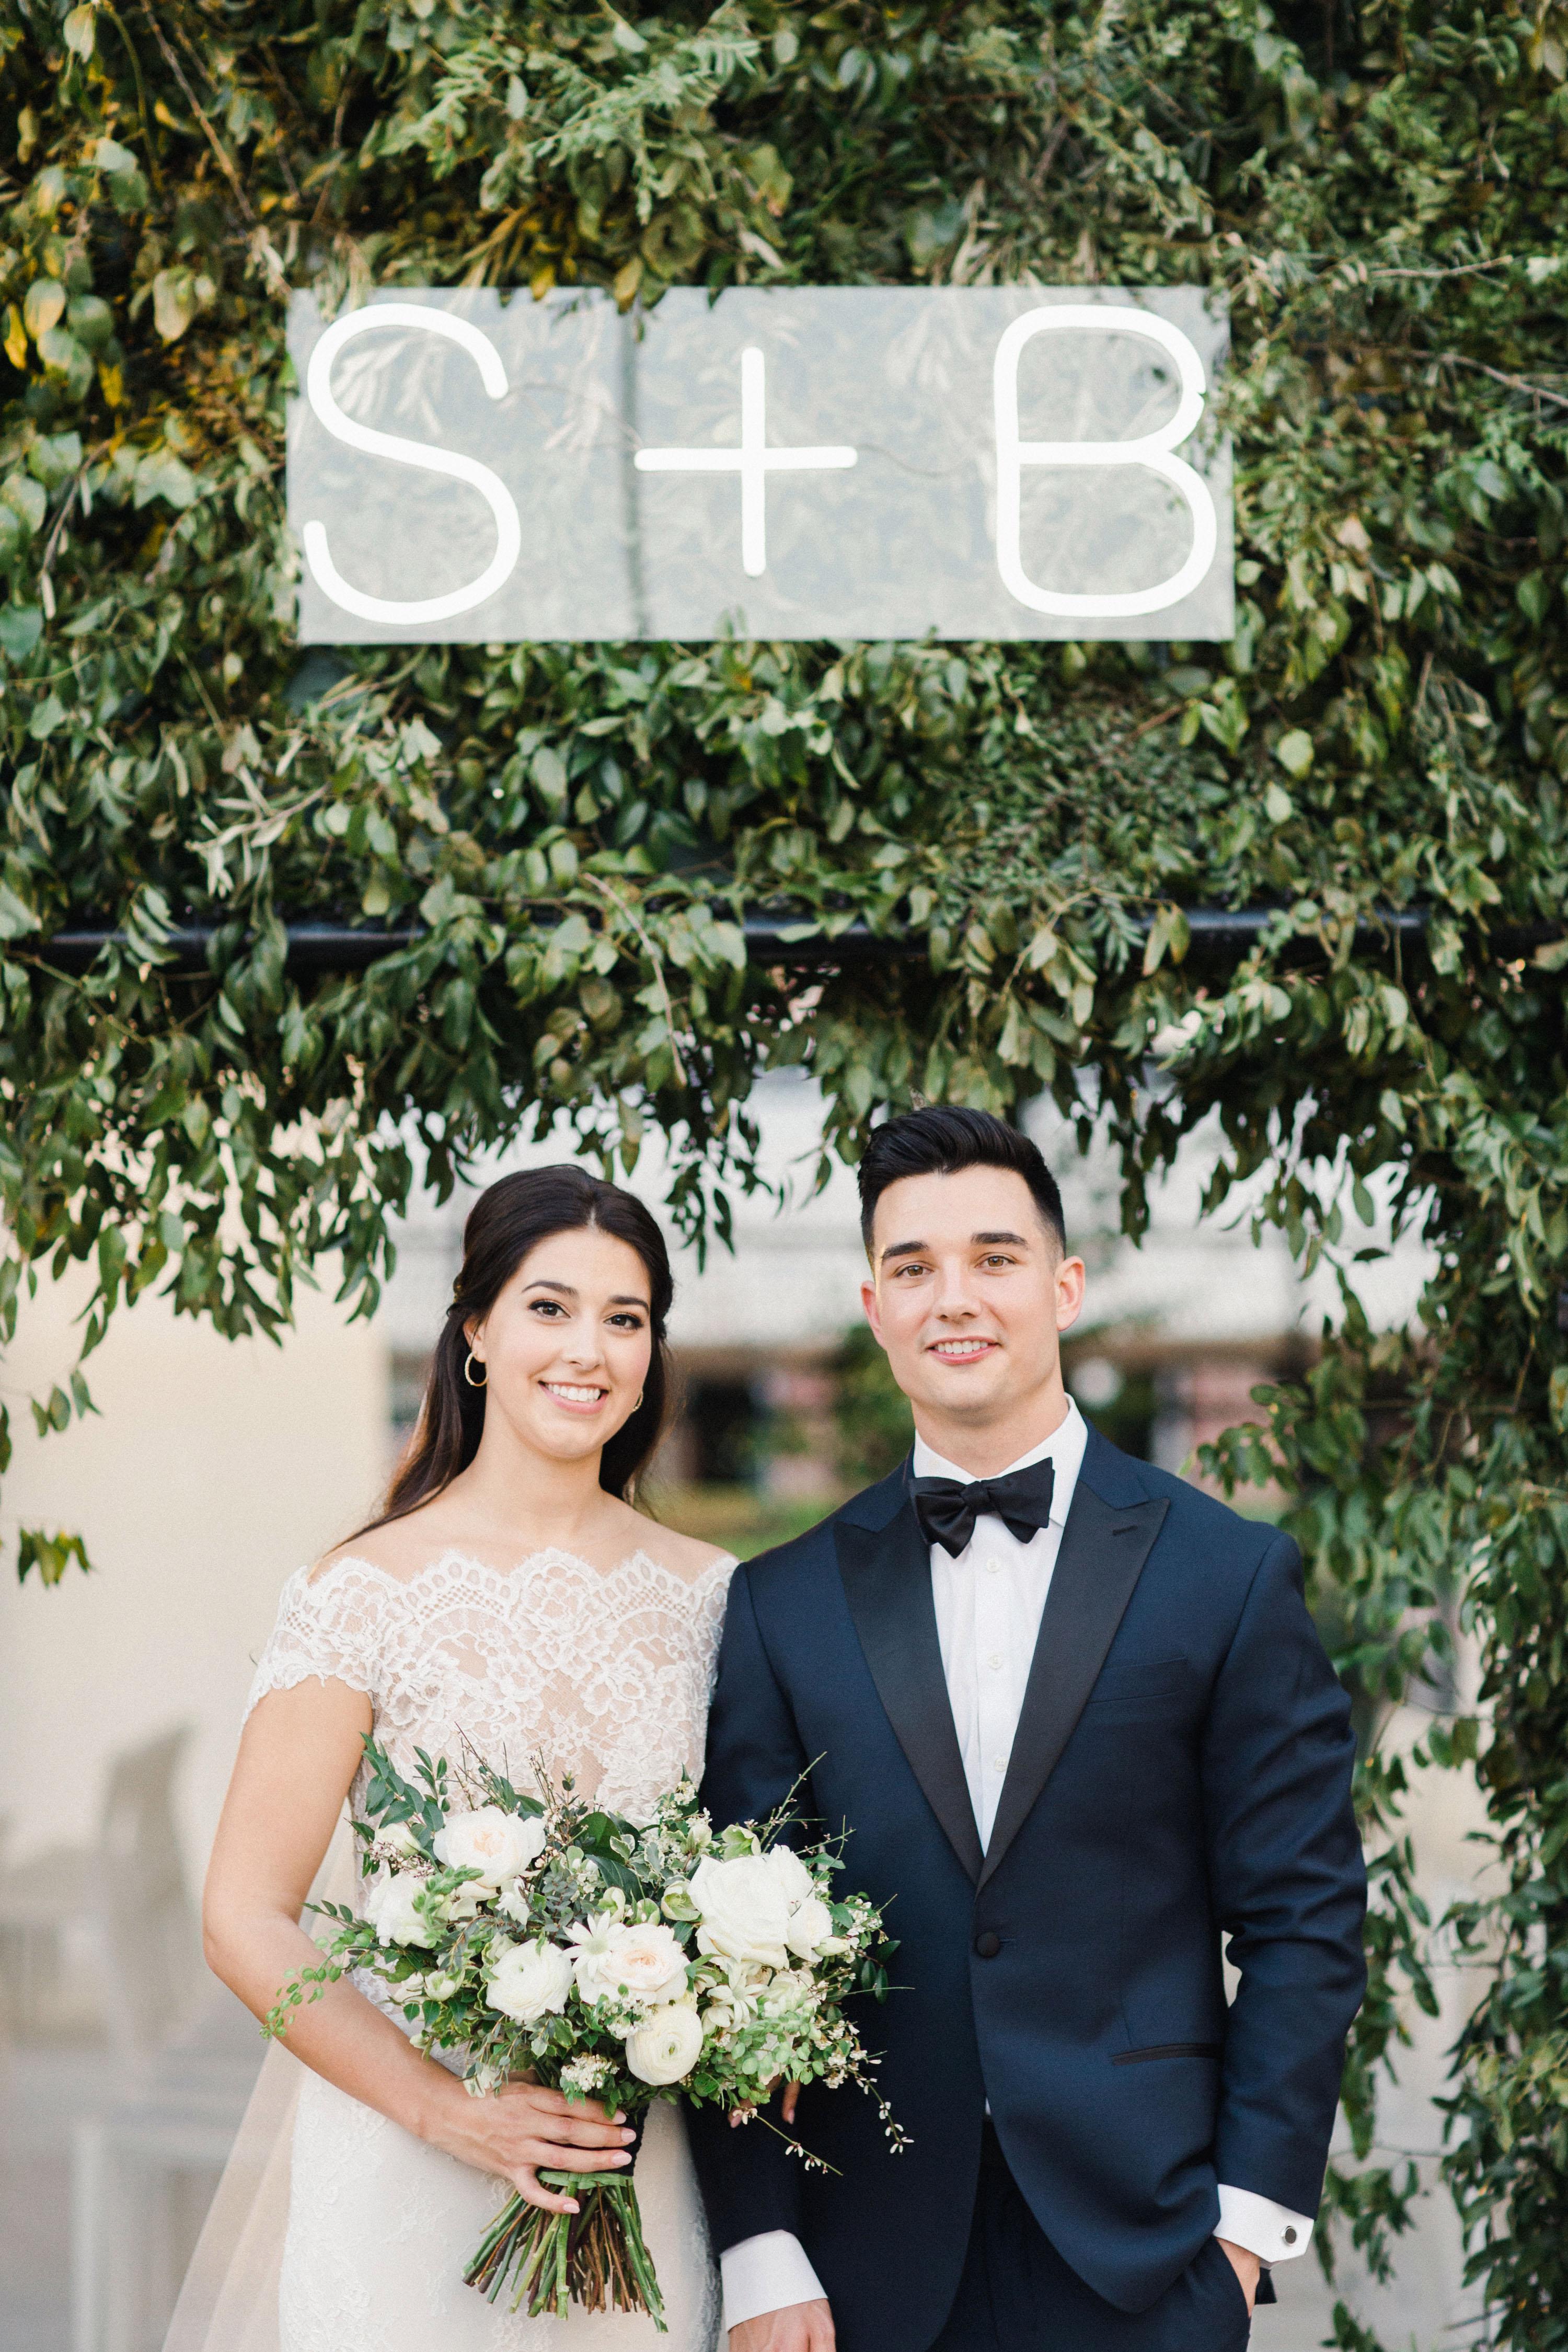 bride groom posing under initials neon sign